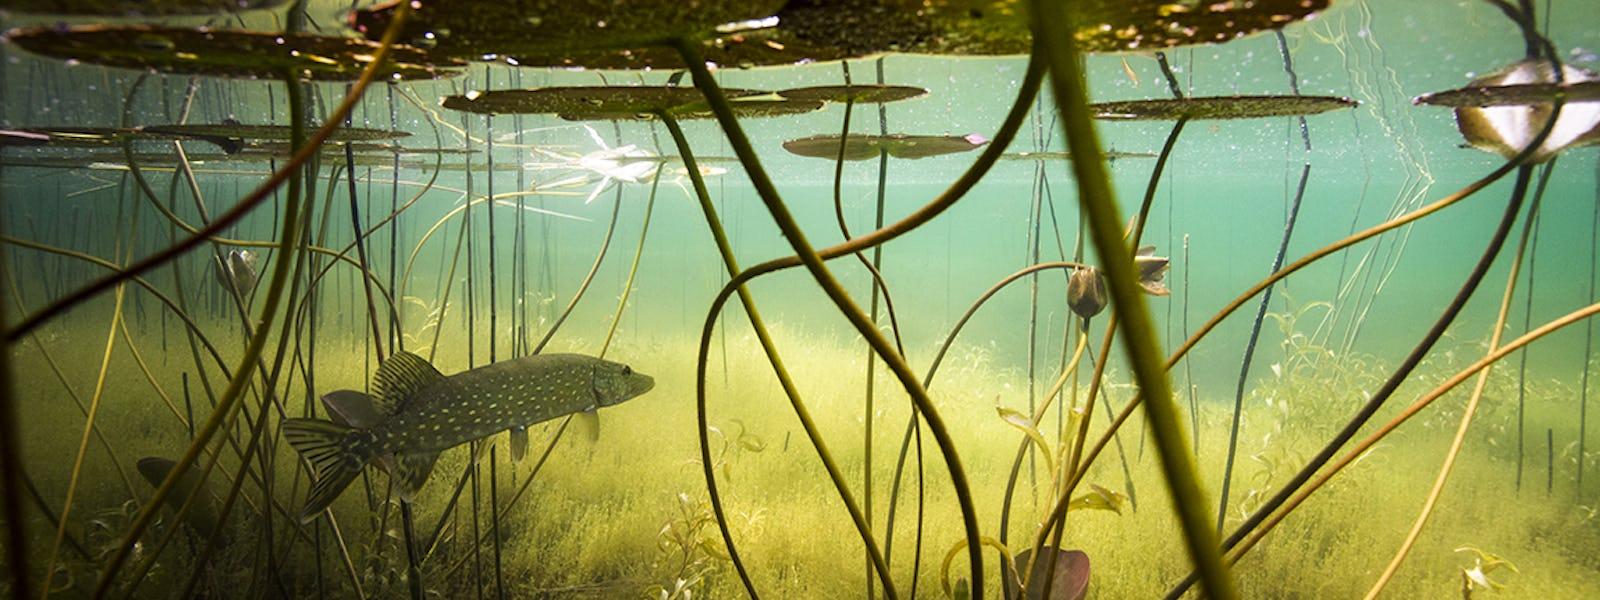 Bild - Leta vattendjur i utställningen Sötvatten